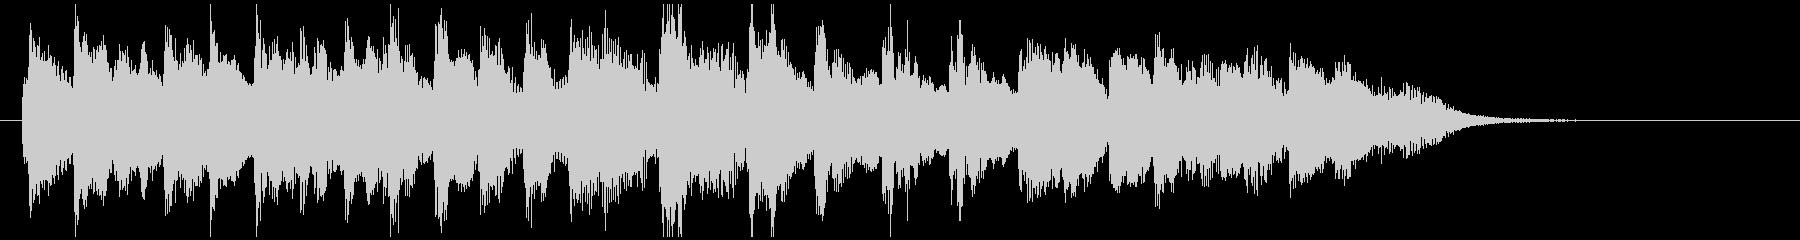 ホンキートンクピアノのジングルの未再生の波形